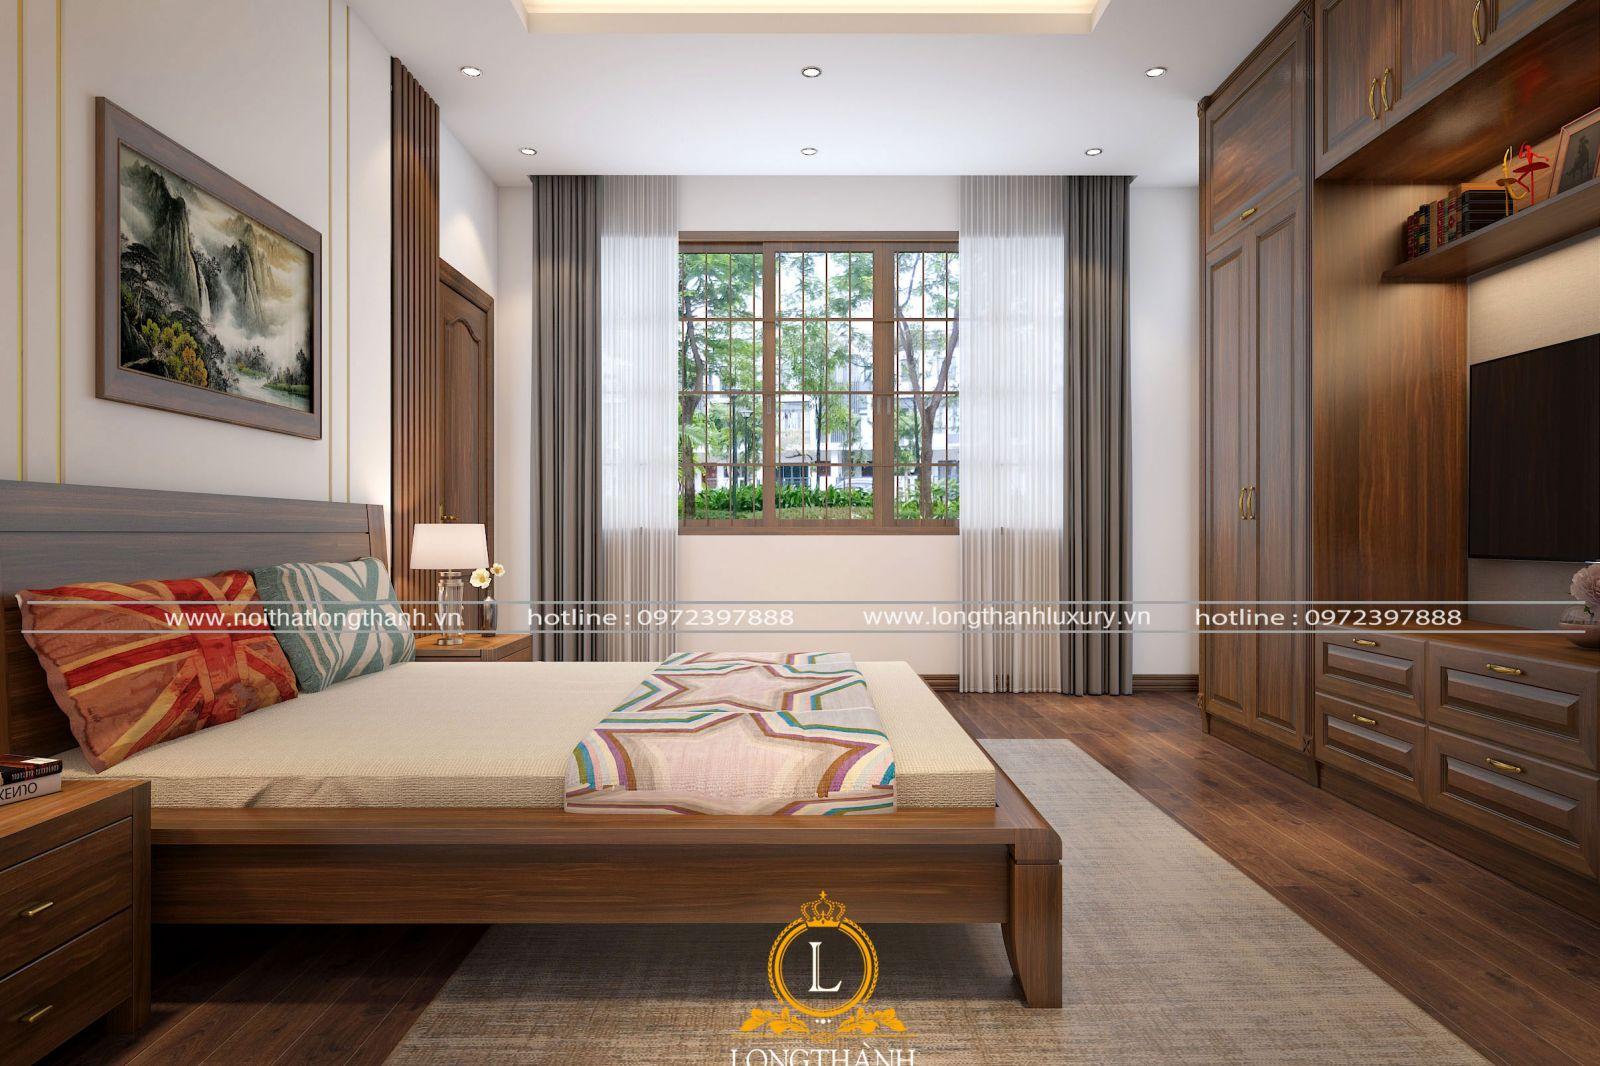 Không gian phòng ngủ được thiết kế tinh tế mang đến sự thoải mái cho người dùng